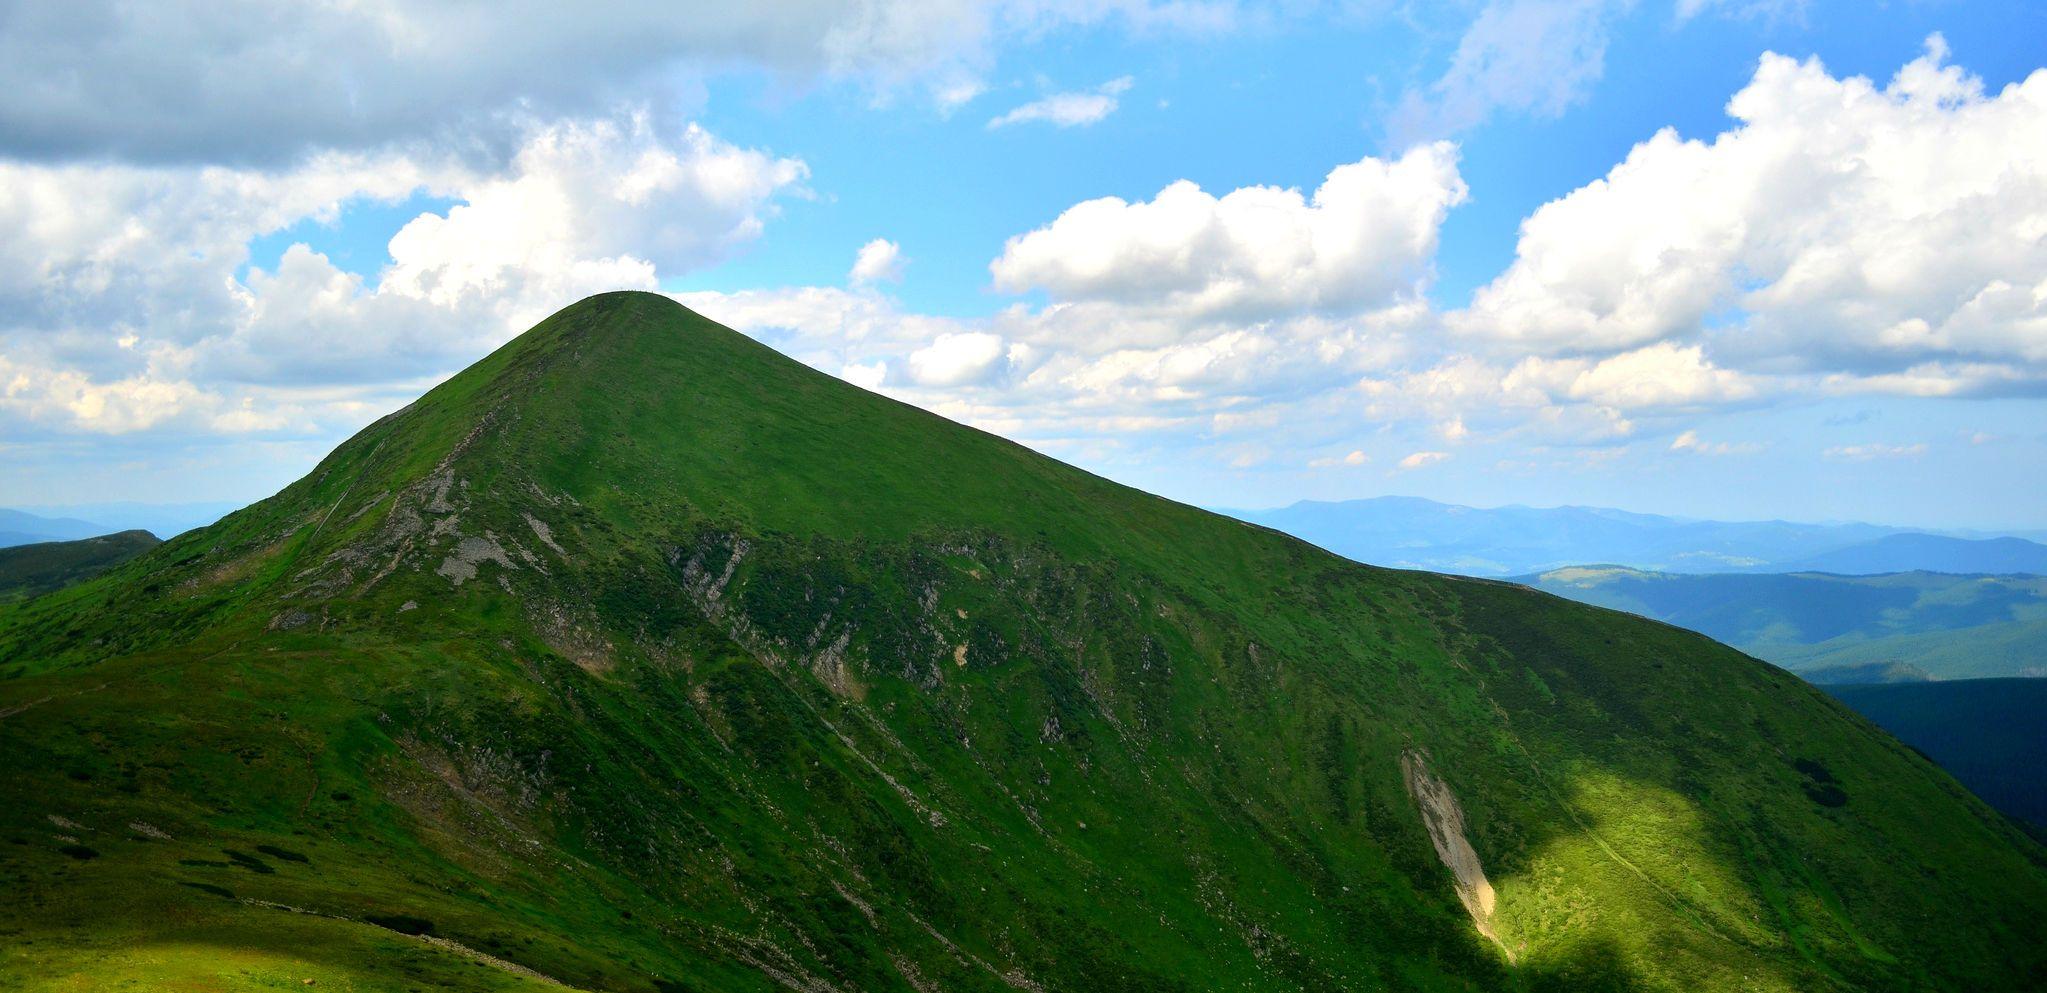 Гора Говерла, Карпати